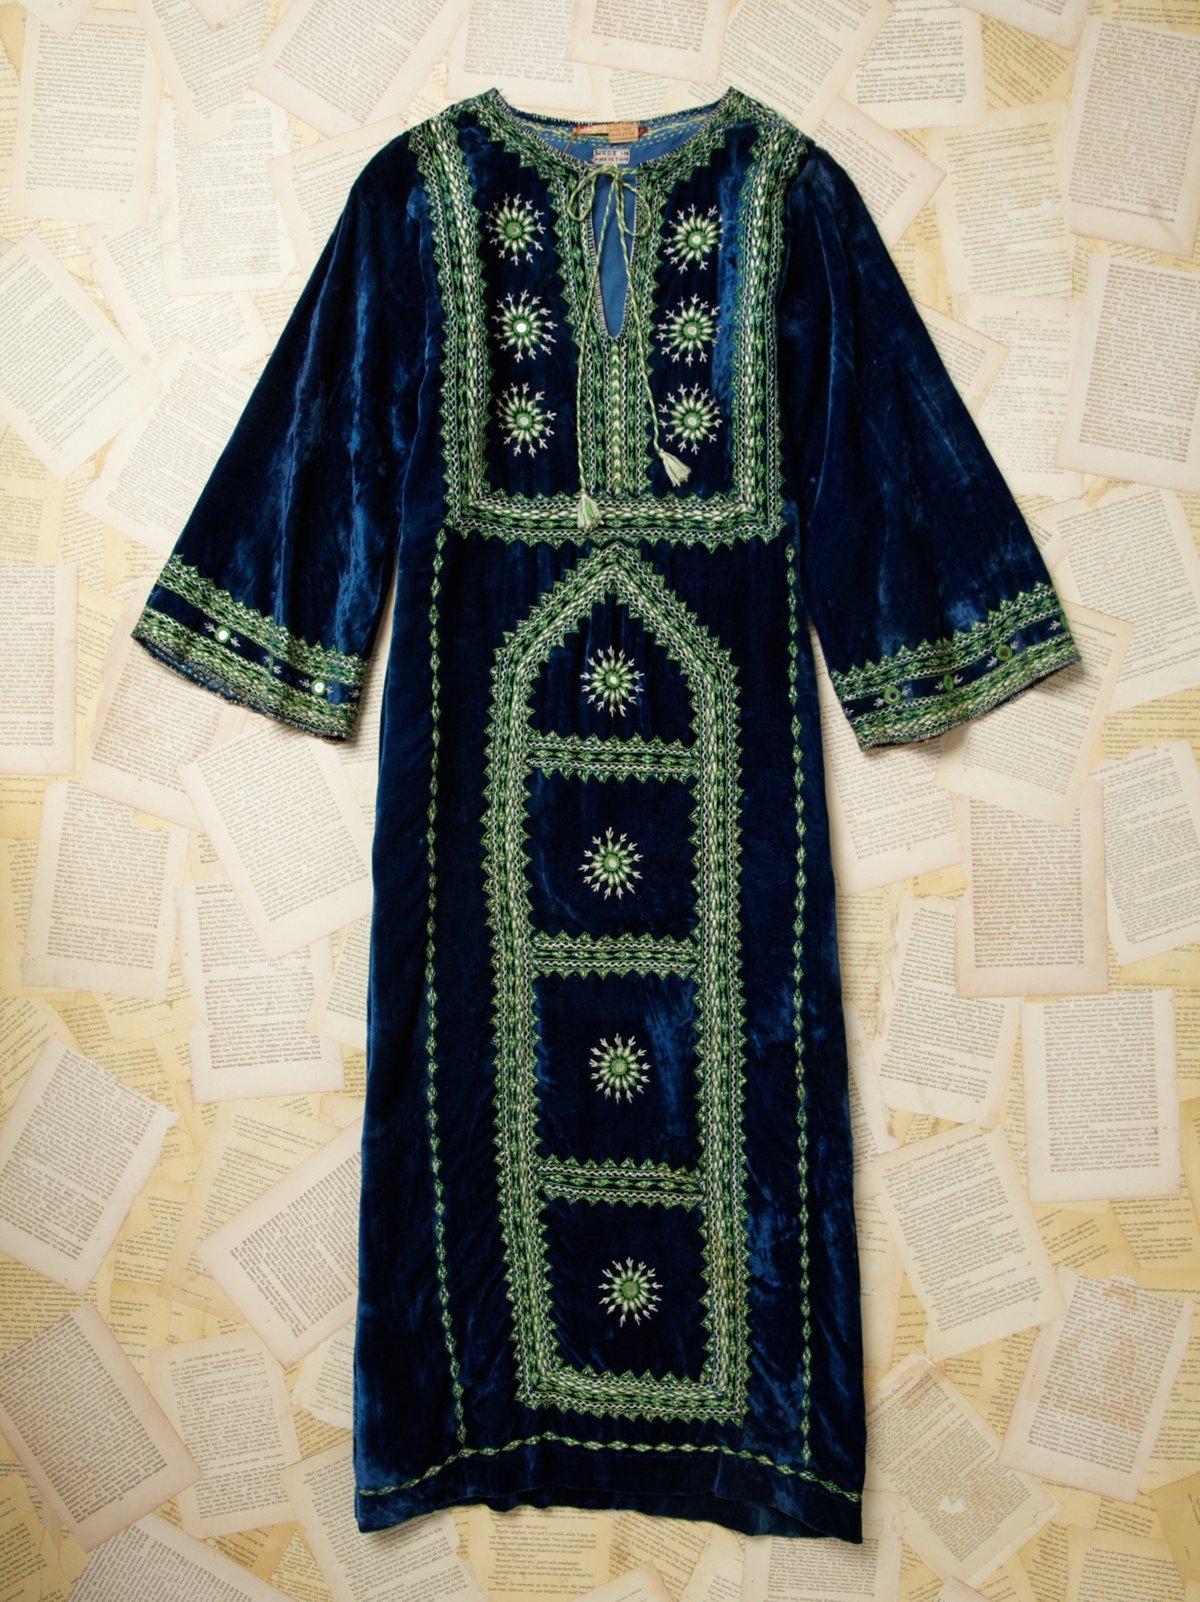 Vintage 1980s Embroided Velvet Dress